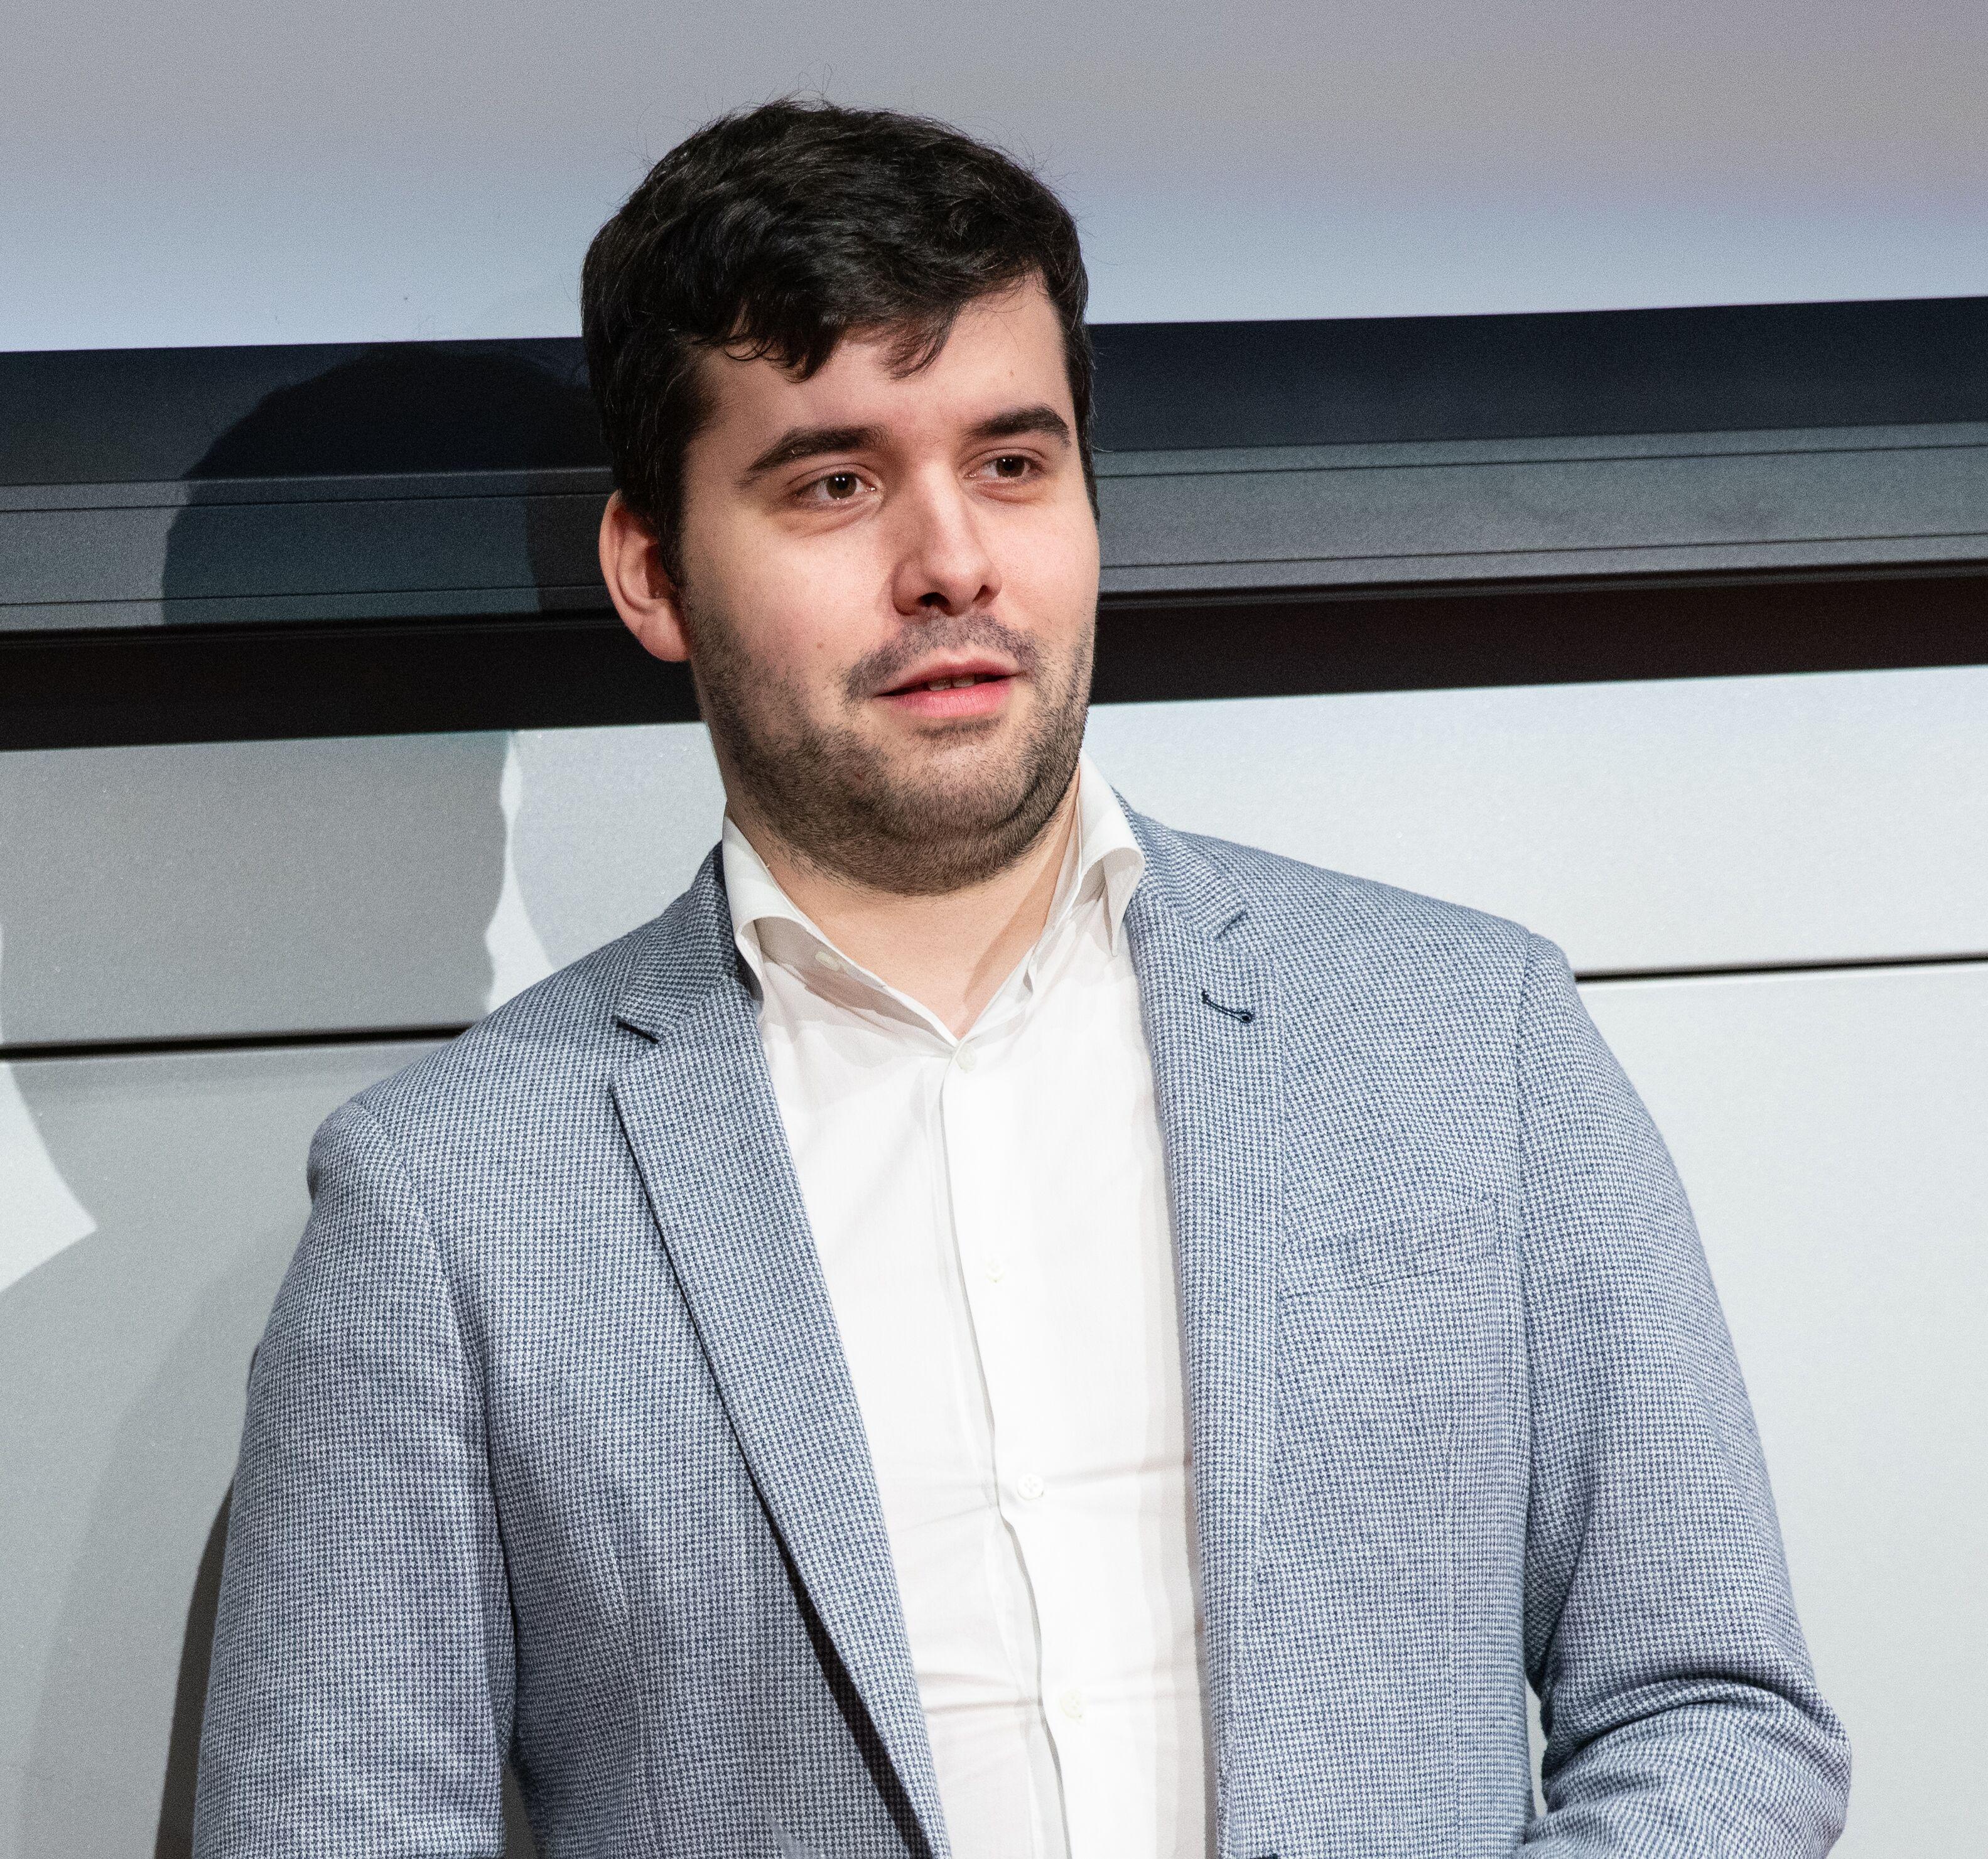 Ian Nepomniachtchi, 2019